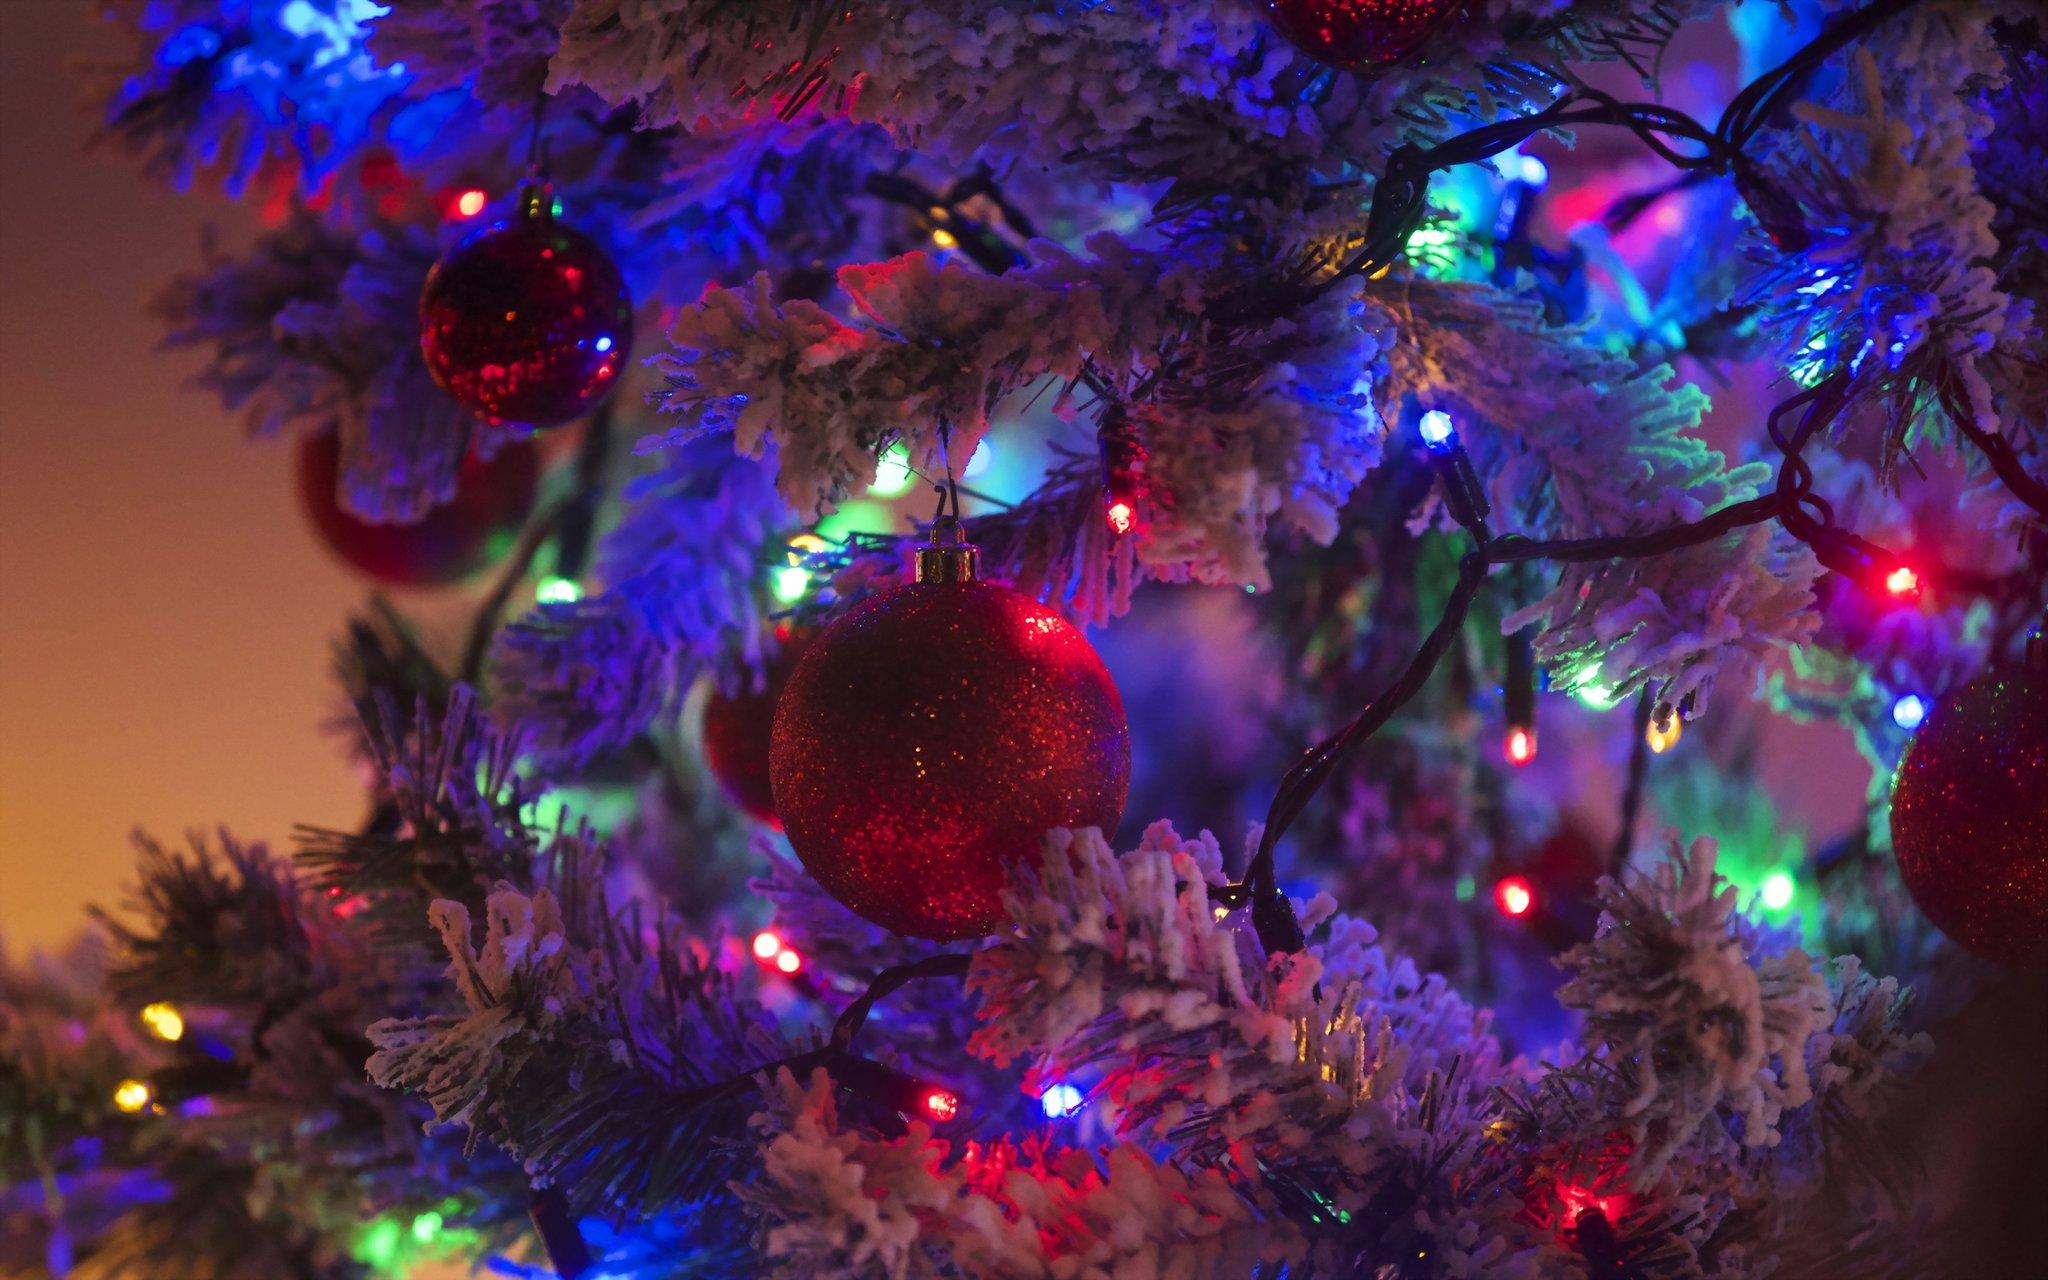 центре новогодние обои на рабочий стол елка в огнях широкоформатные звезды